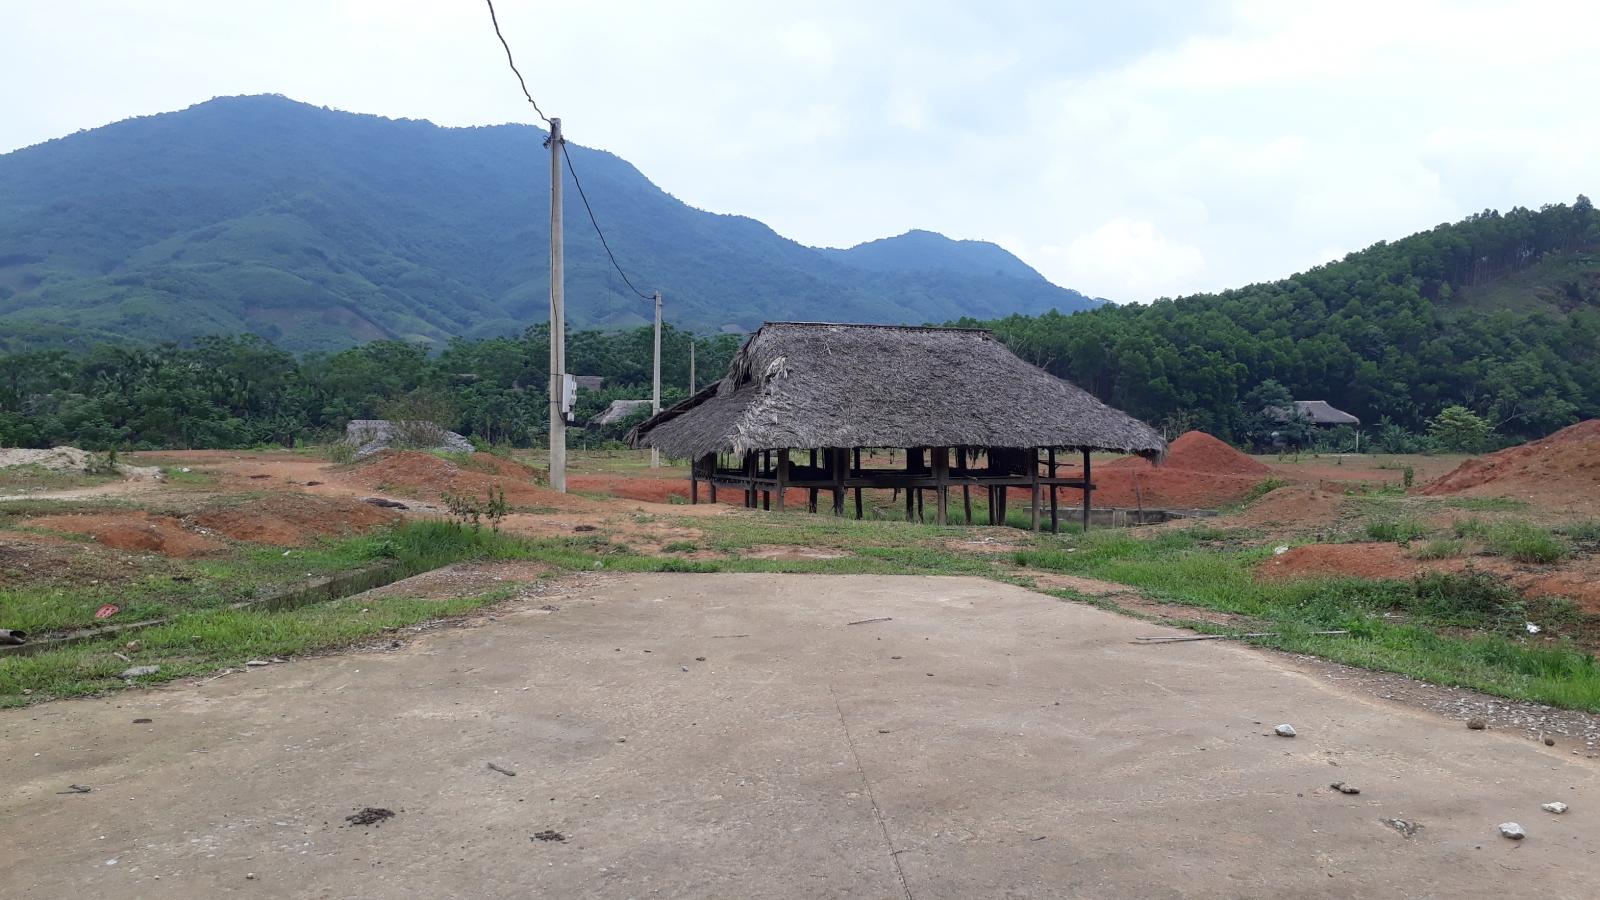 Tái định cư cho người dân vùng lũ ở Yên Bái: Khu dang dở, điểm bỏ hoang